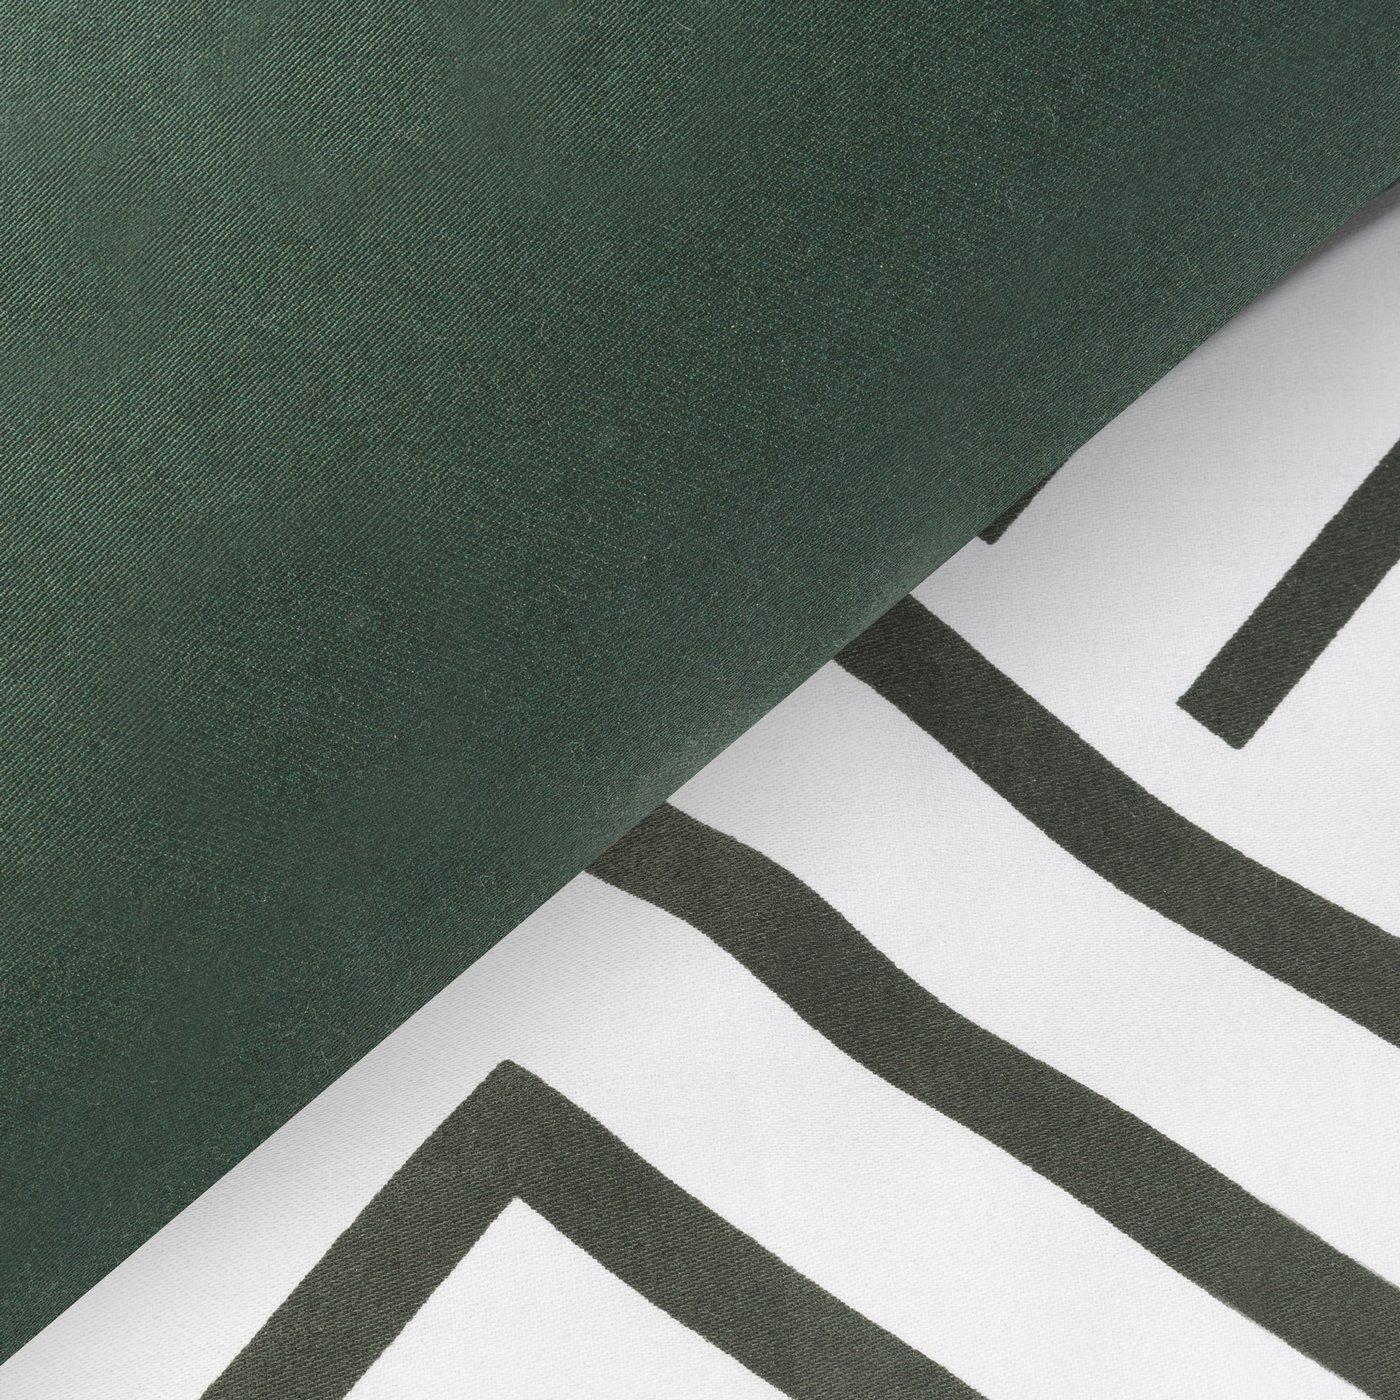 Komplet pościeli satyna bawełniana 160x200+2szt. 70x80 z geometrycznym nadrukiem w stylu opt art